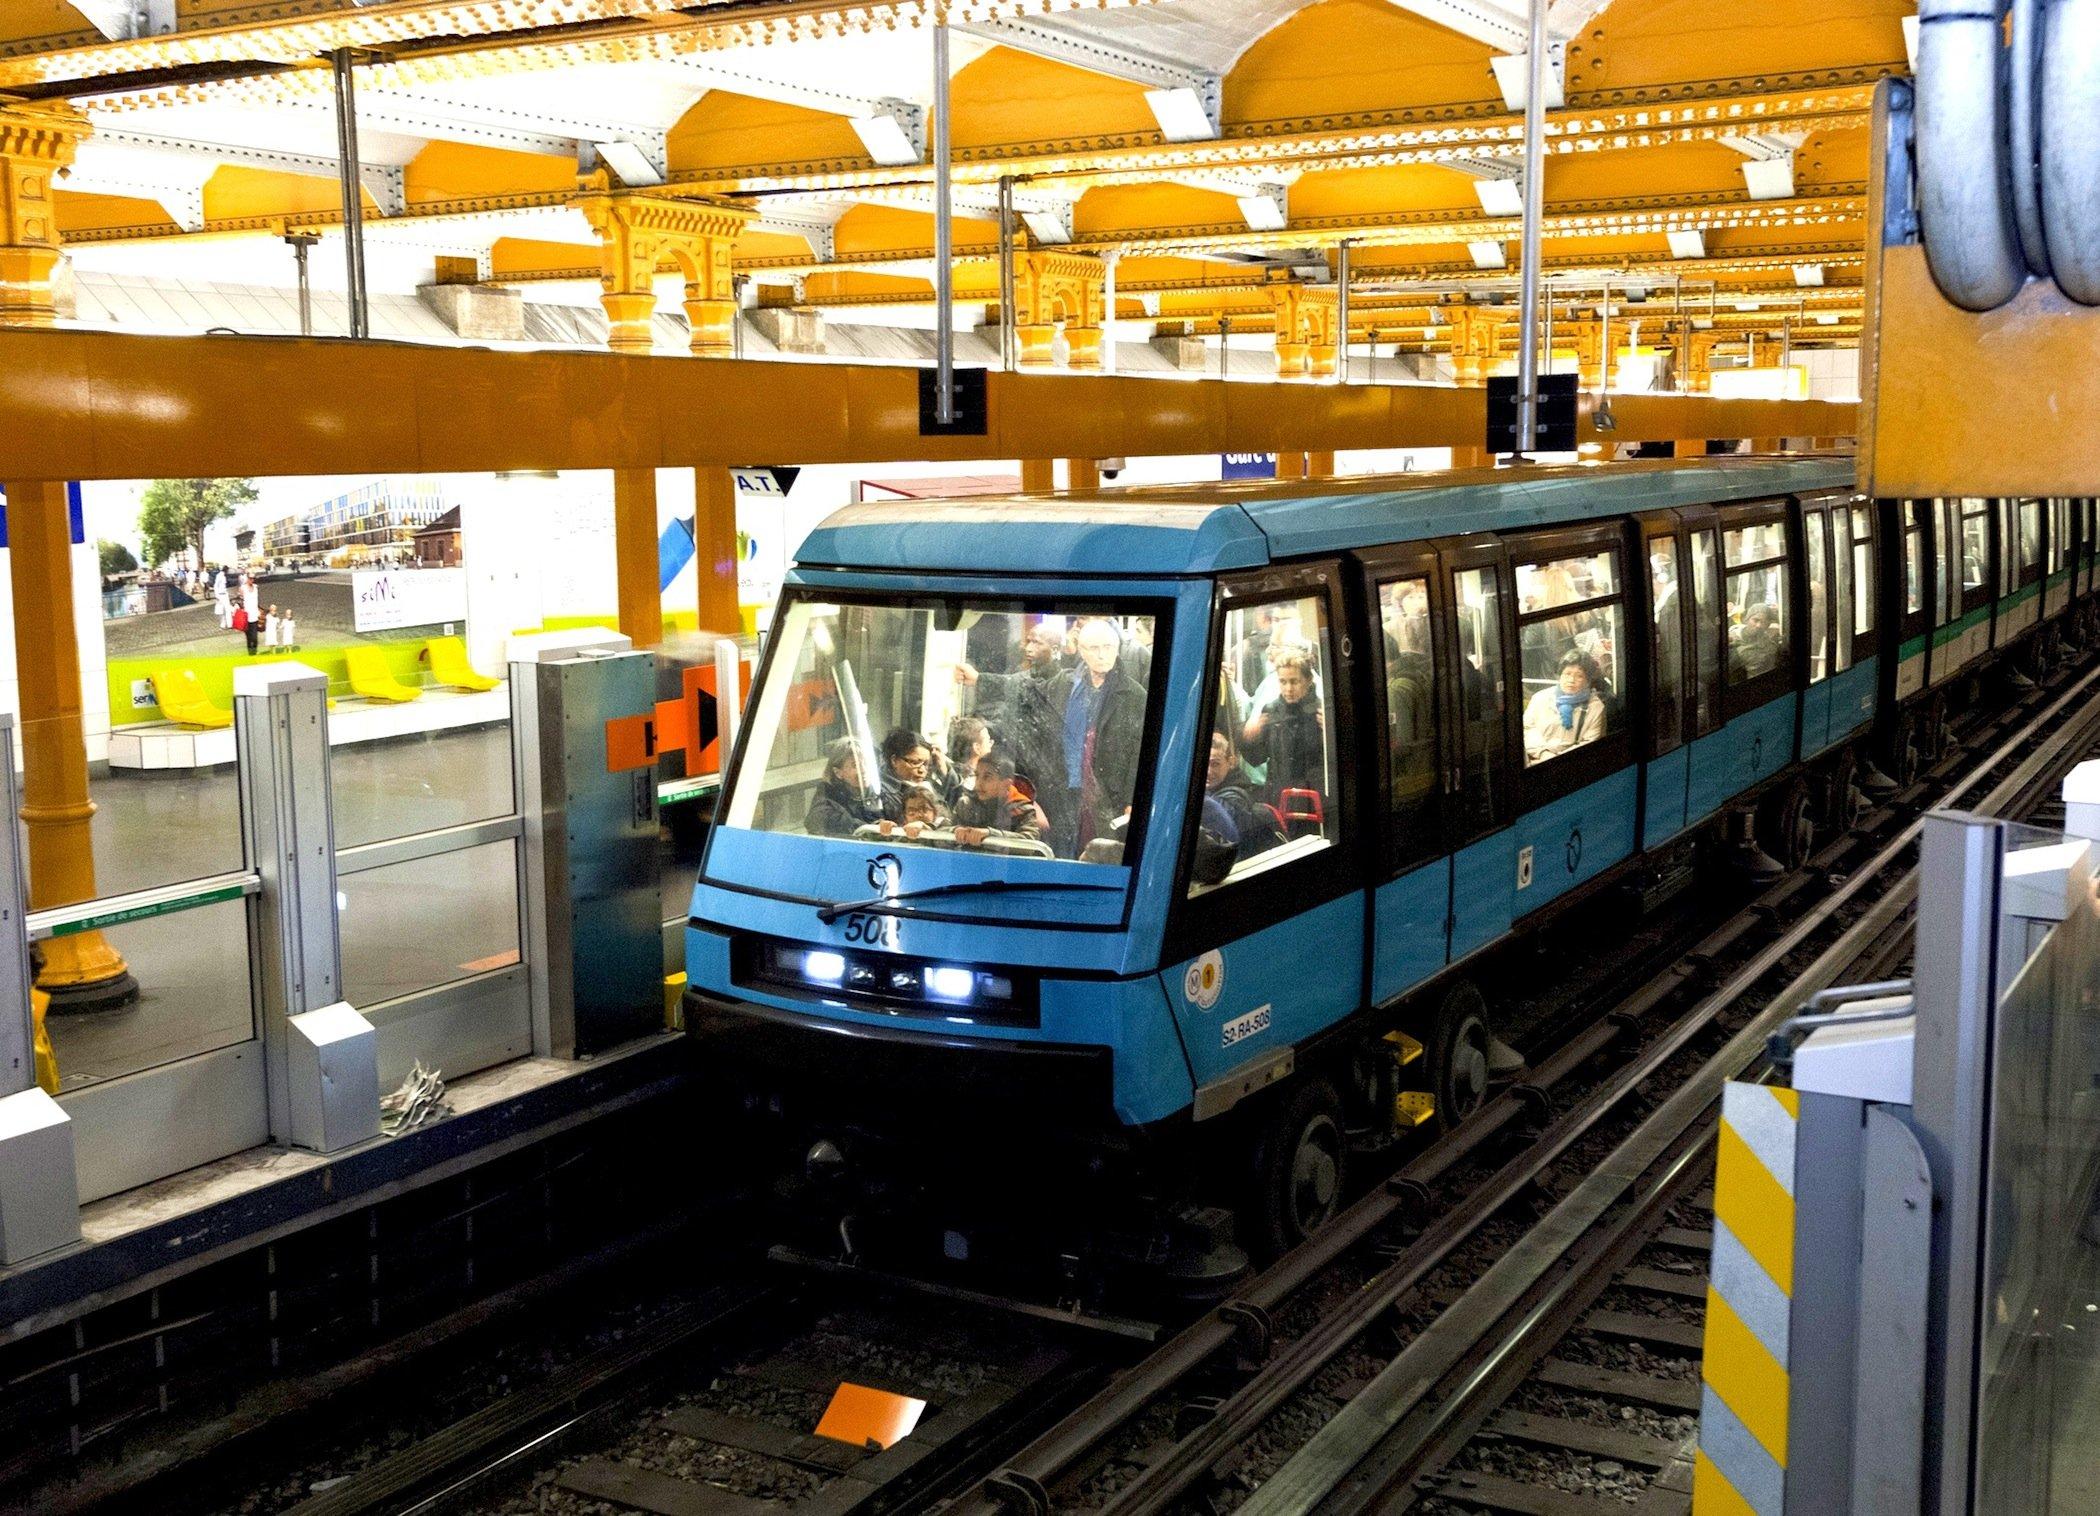 Siemens rüstet eine weitere Metro-Strecke in Paris mit Technik für den fahrerlosen Betrieb aus. Deutlich zu sehen: Passagiere dort, wo normalerweise der Fahrer sitzt.